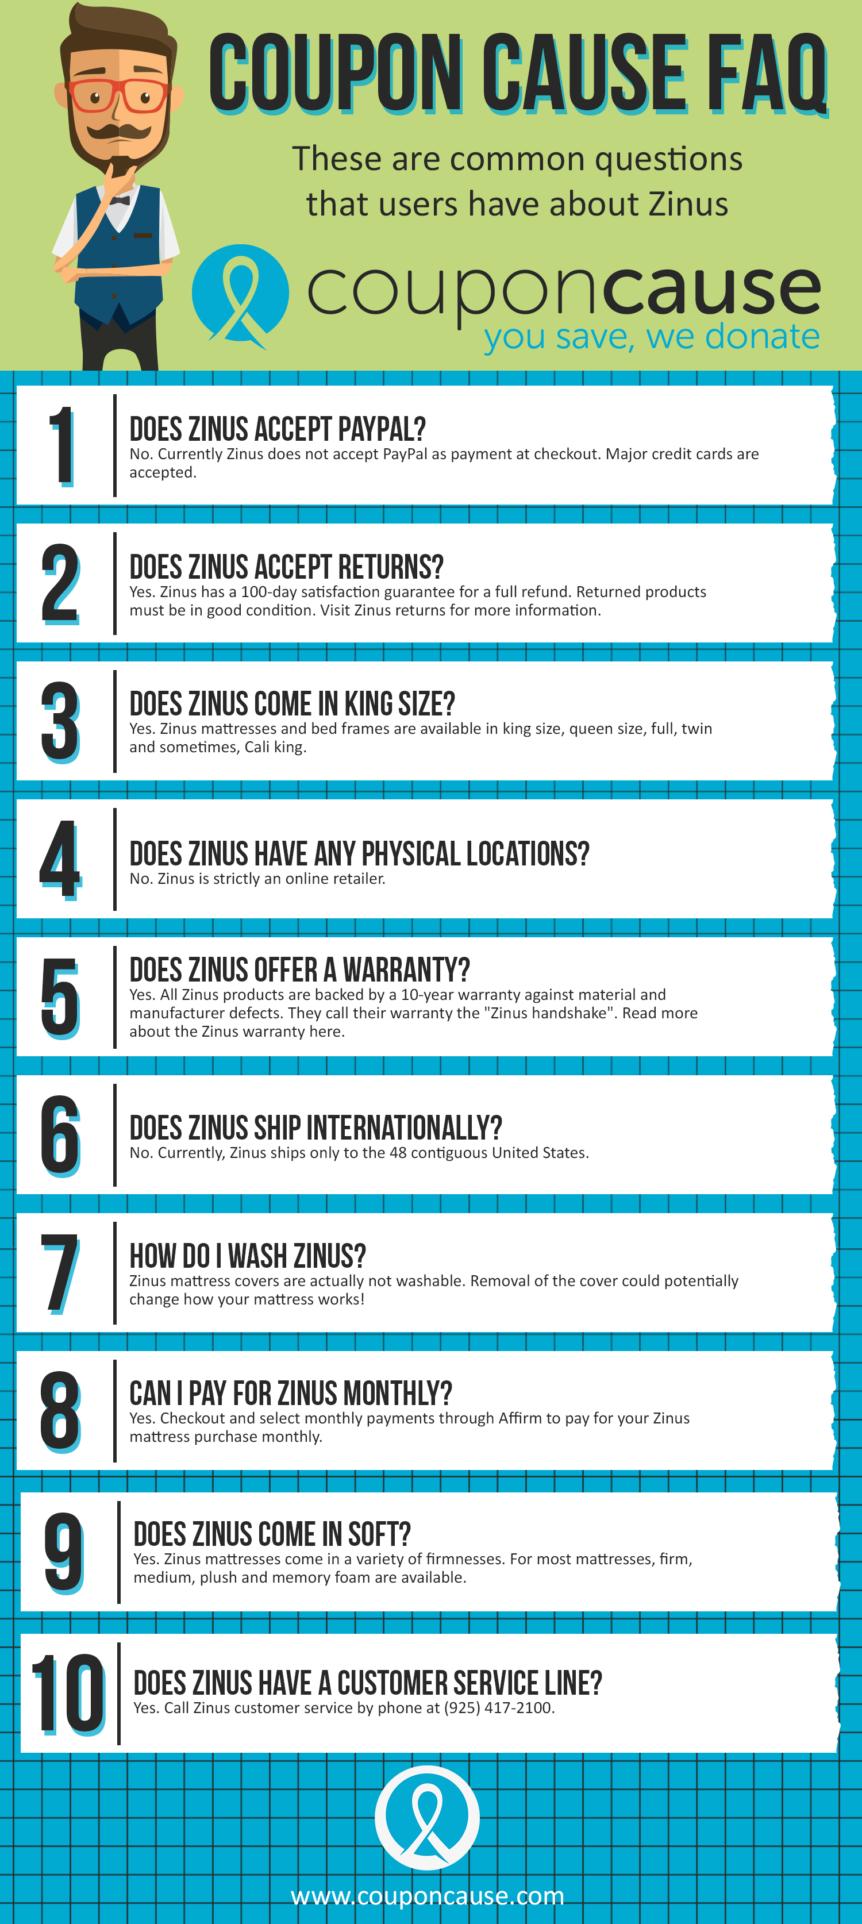 Zinus Coupon Cause FAQ (C.C. FAQ)